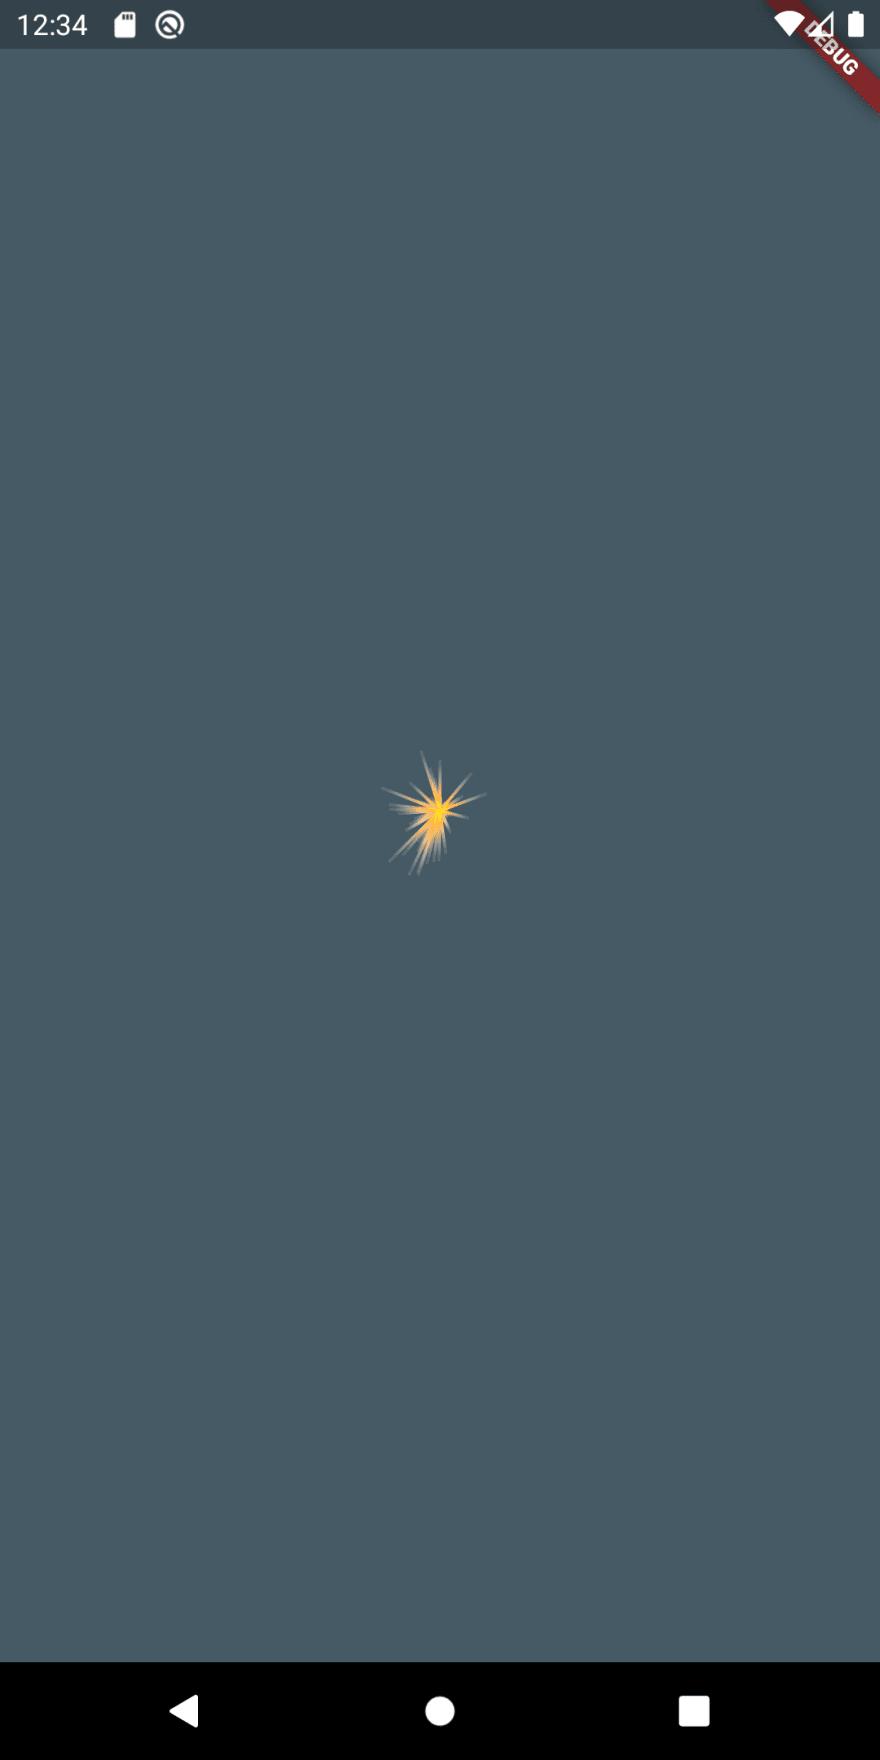 Flutter sparkler iteration 2